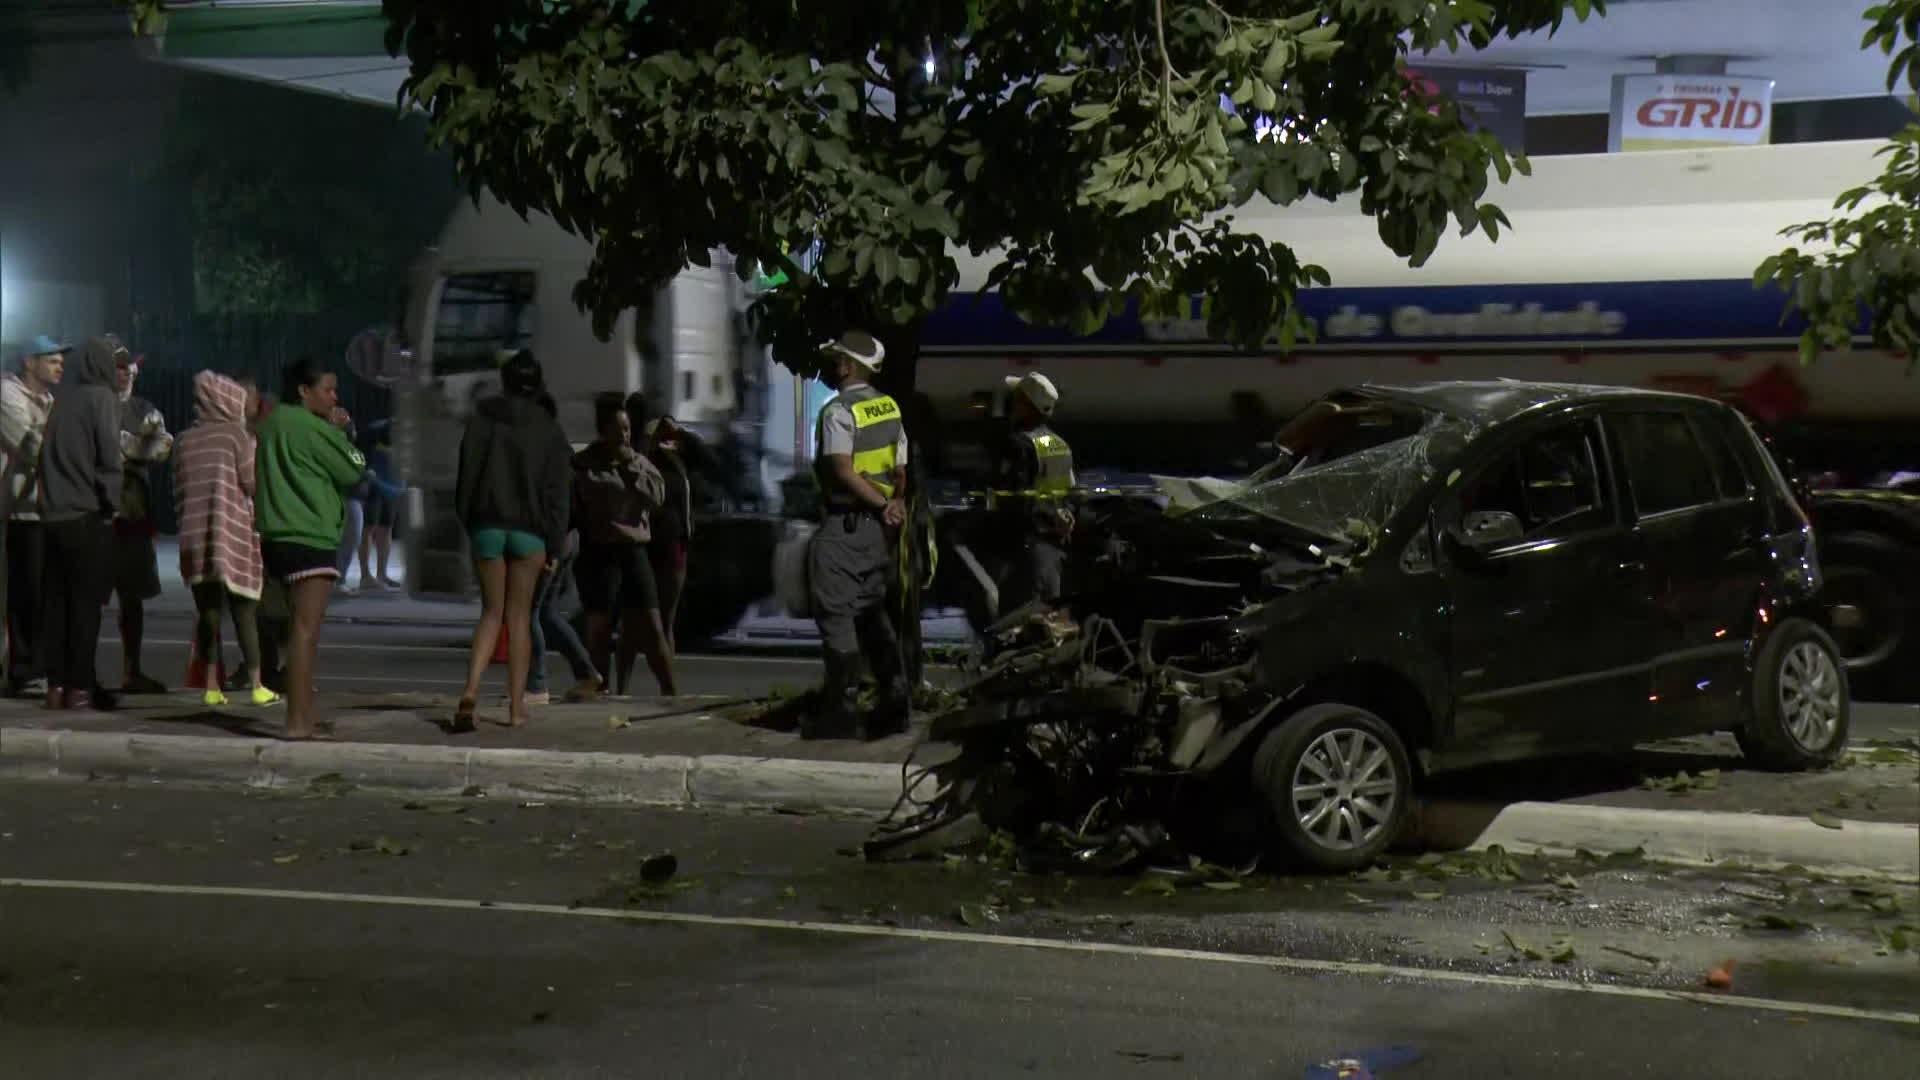 Dois jovens morrem em acidente de carro na Zona Leste de SP; família contesta versão